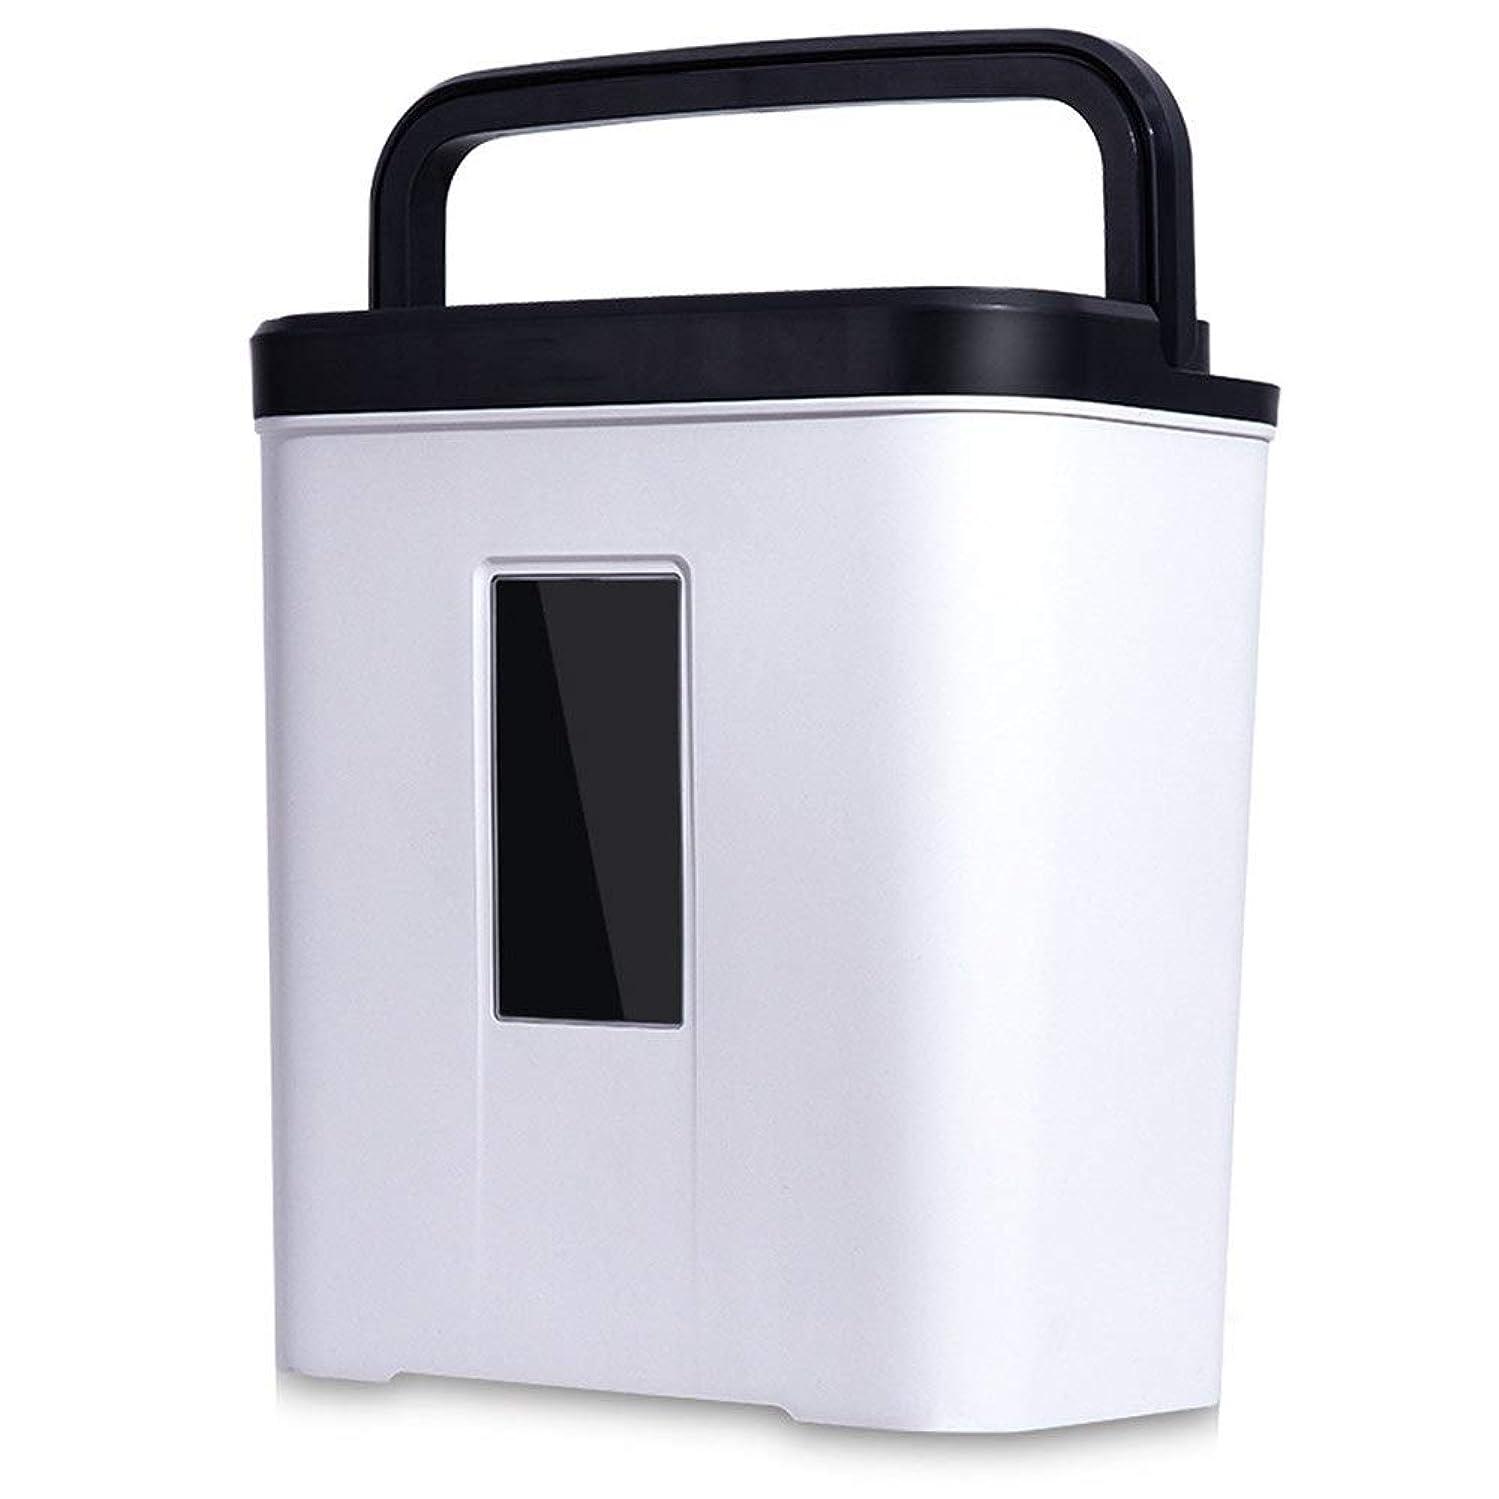 とらえどころのないはいブラジャー安全 細密カット ミニ4レベルのポータブルシュレッダーオフィスホームファイルシュレッダー (色 : White, Size : 32x20x35cm)